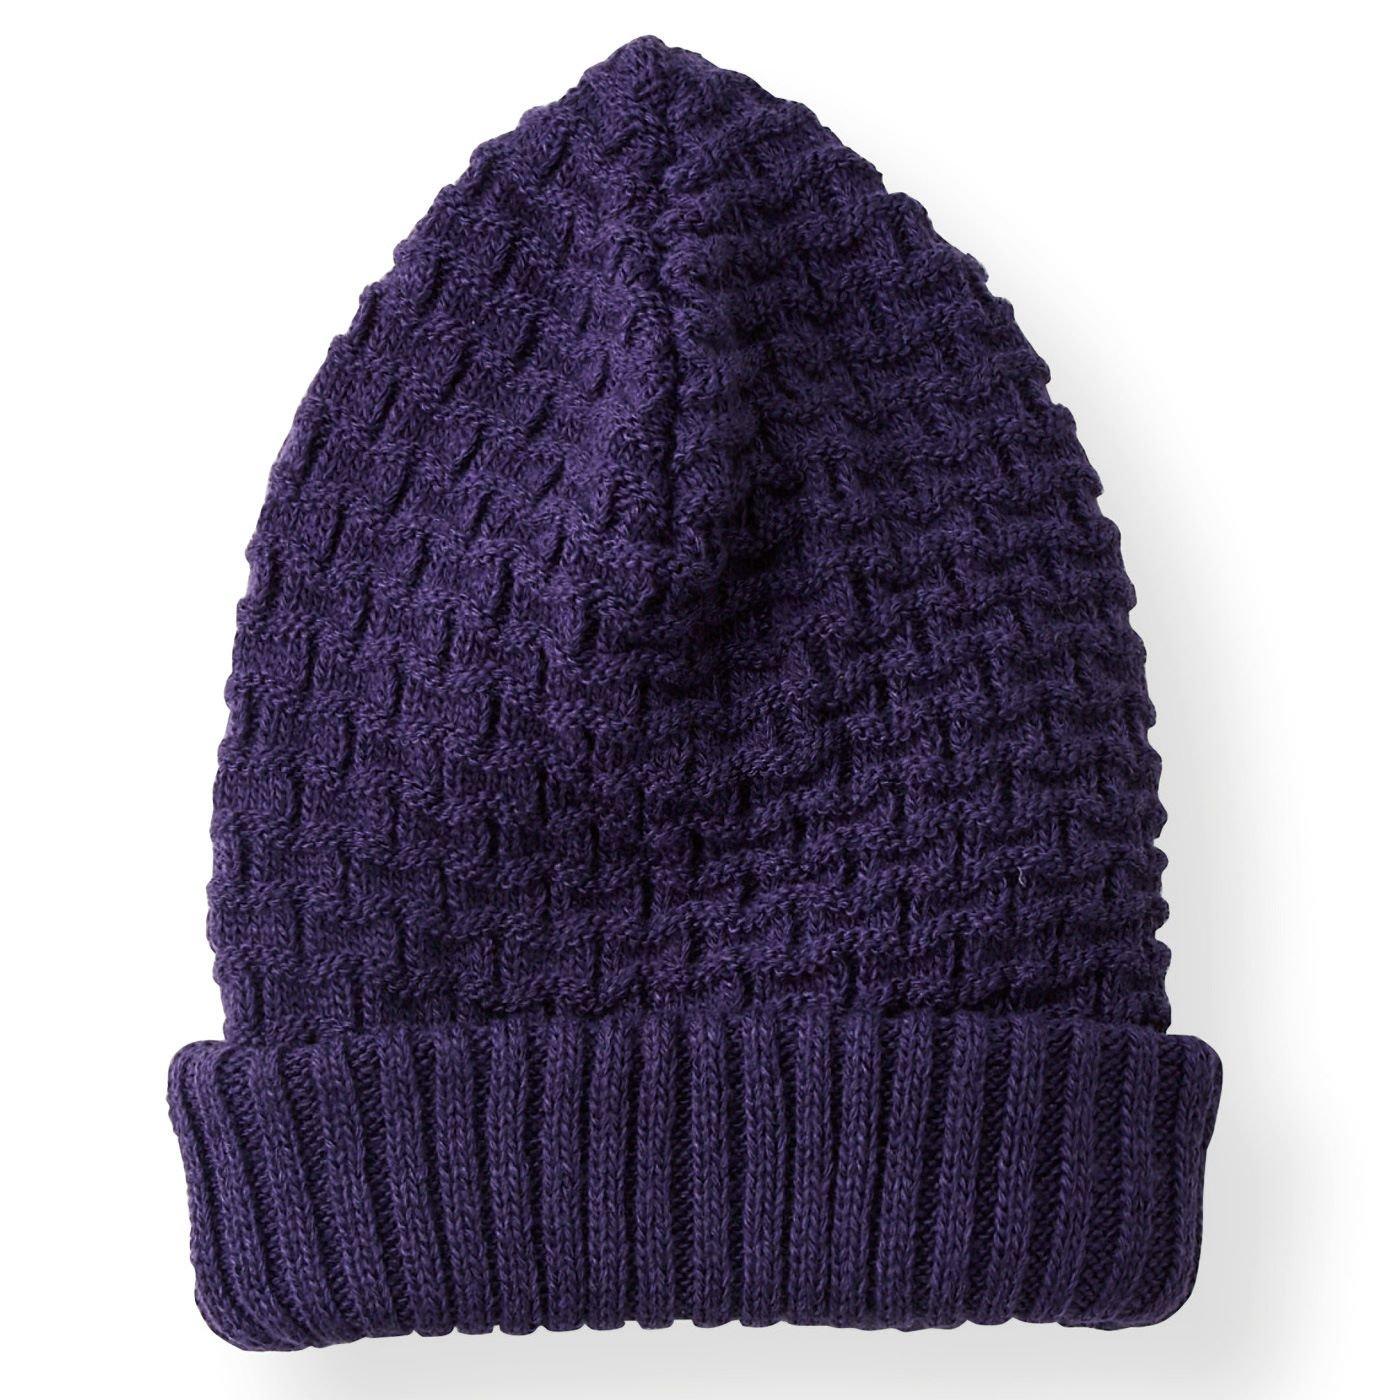 一日中かぶりたい!内側シルク混の暖かニット帽